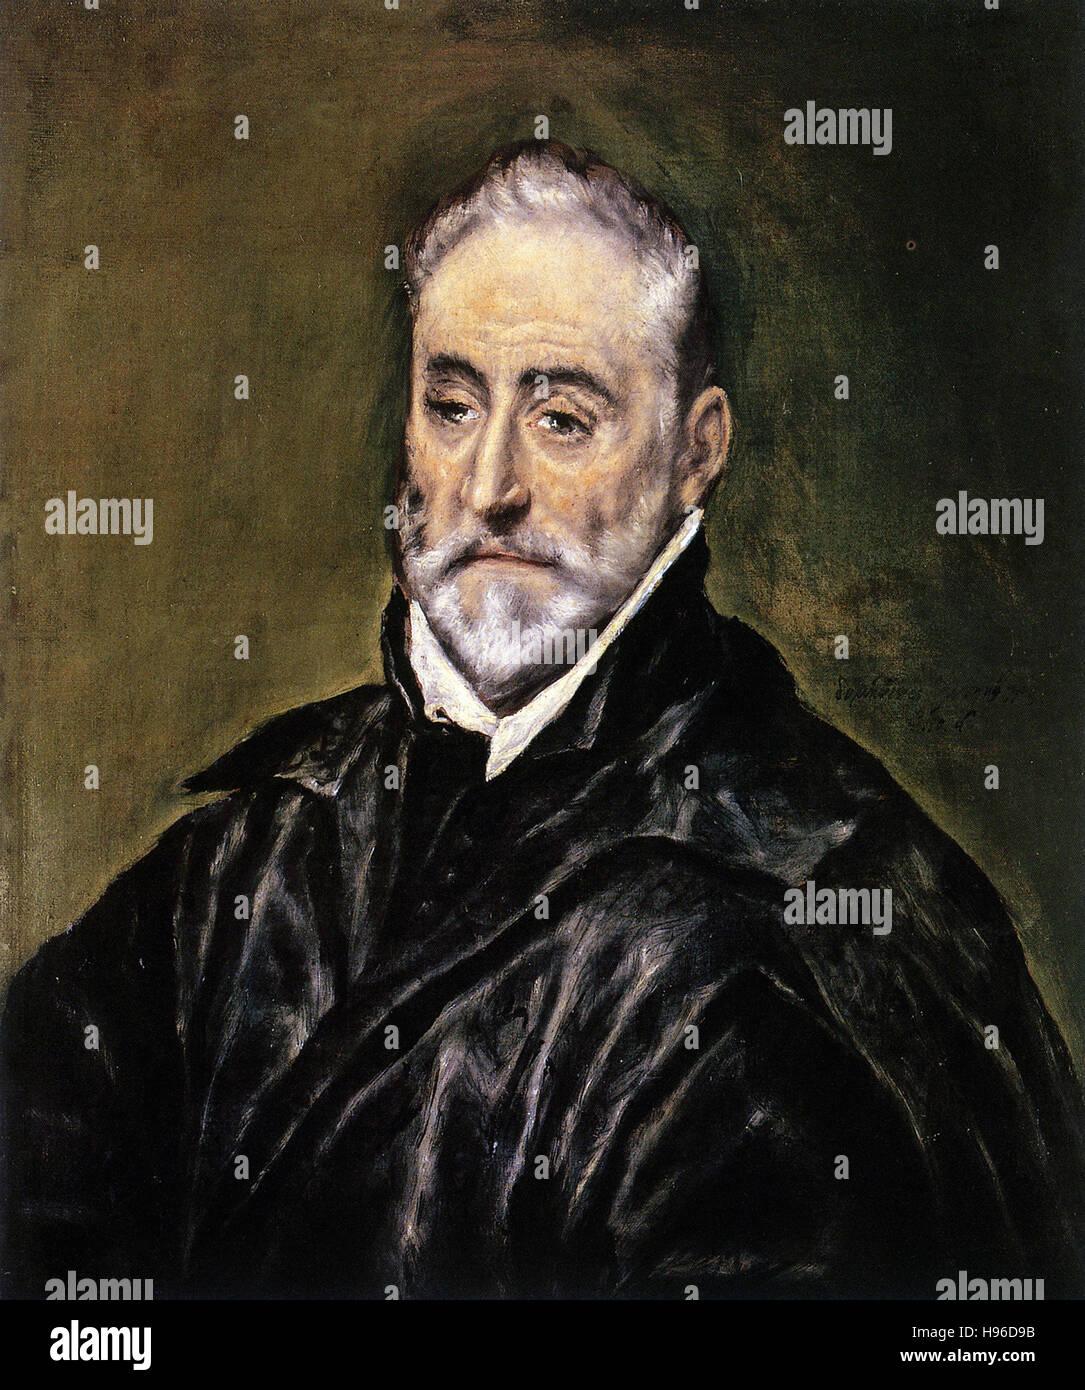 Domínikos Theotokópoulos a.k.a El Greco - Antonio de Covarrubias - Stock Image